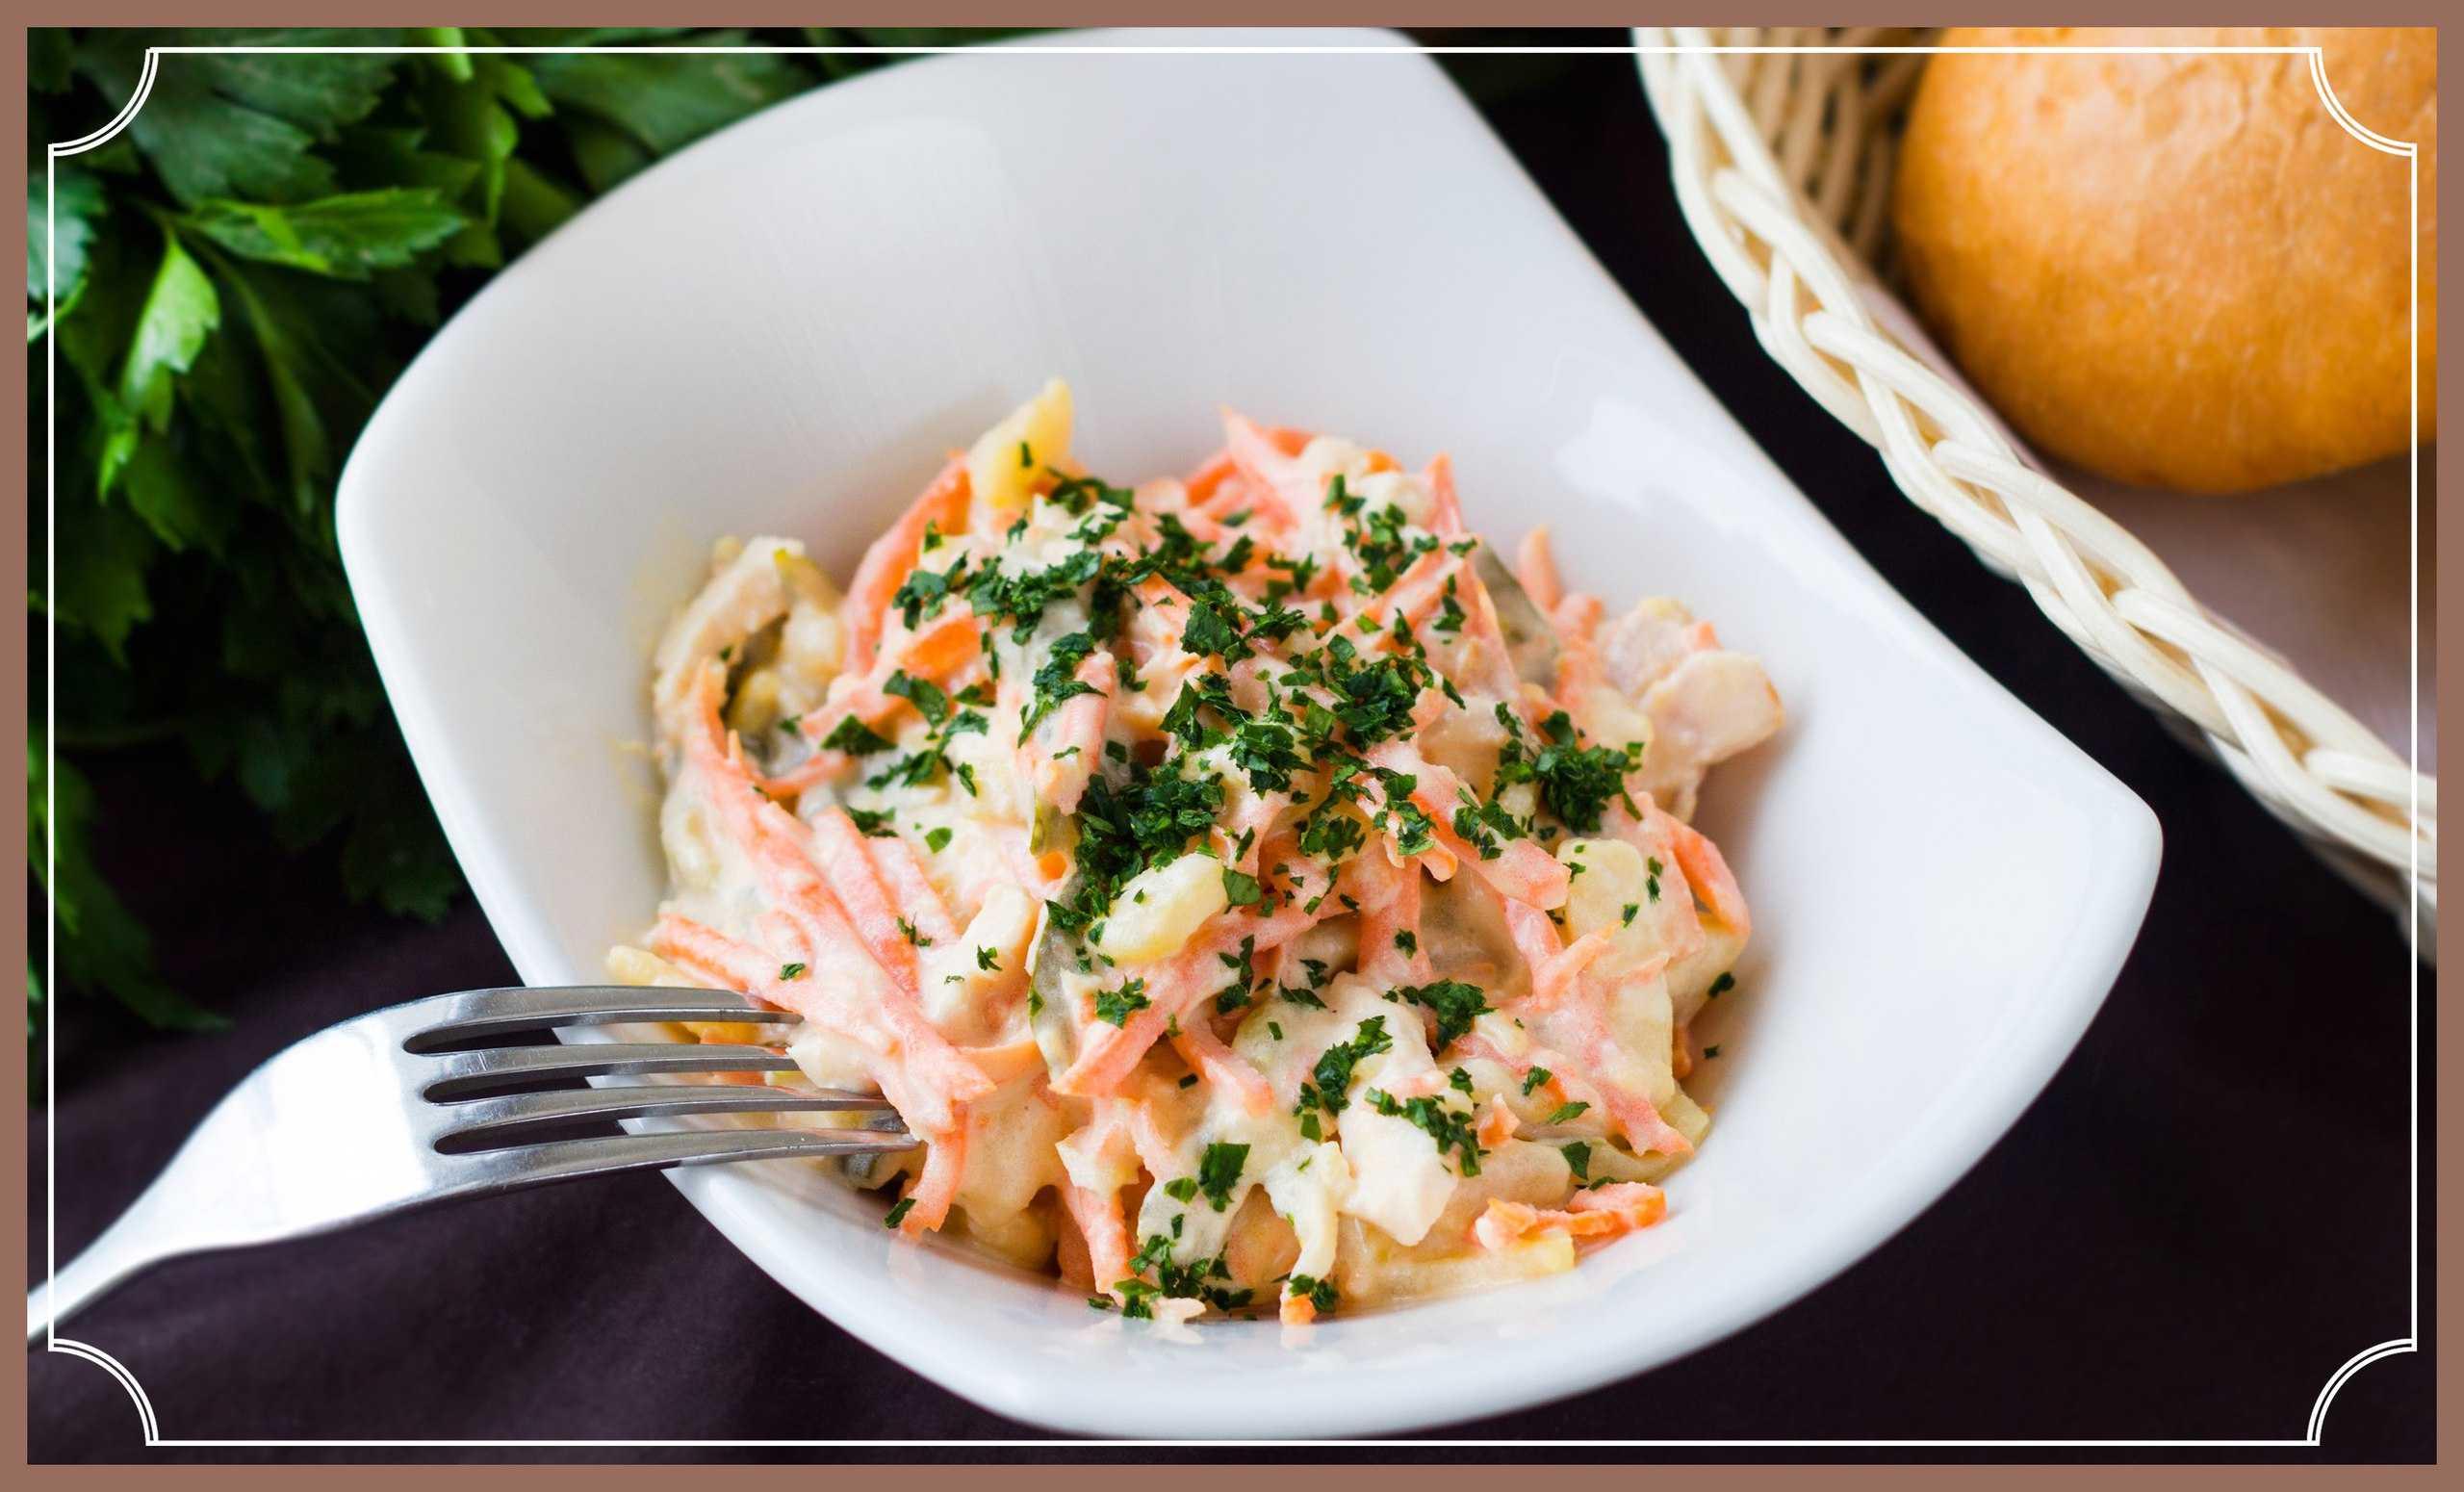 Удивите гостей необычным салатом с селедкой и грибами «лисья шубка»